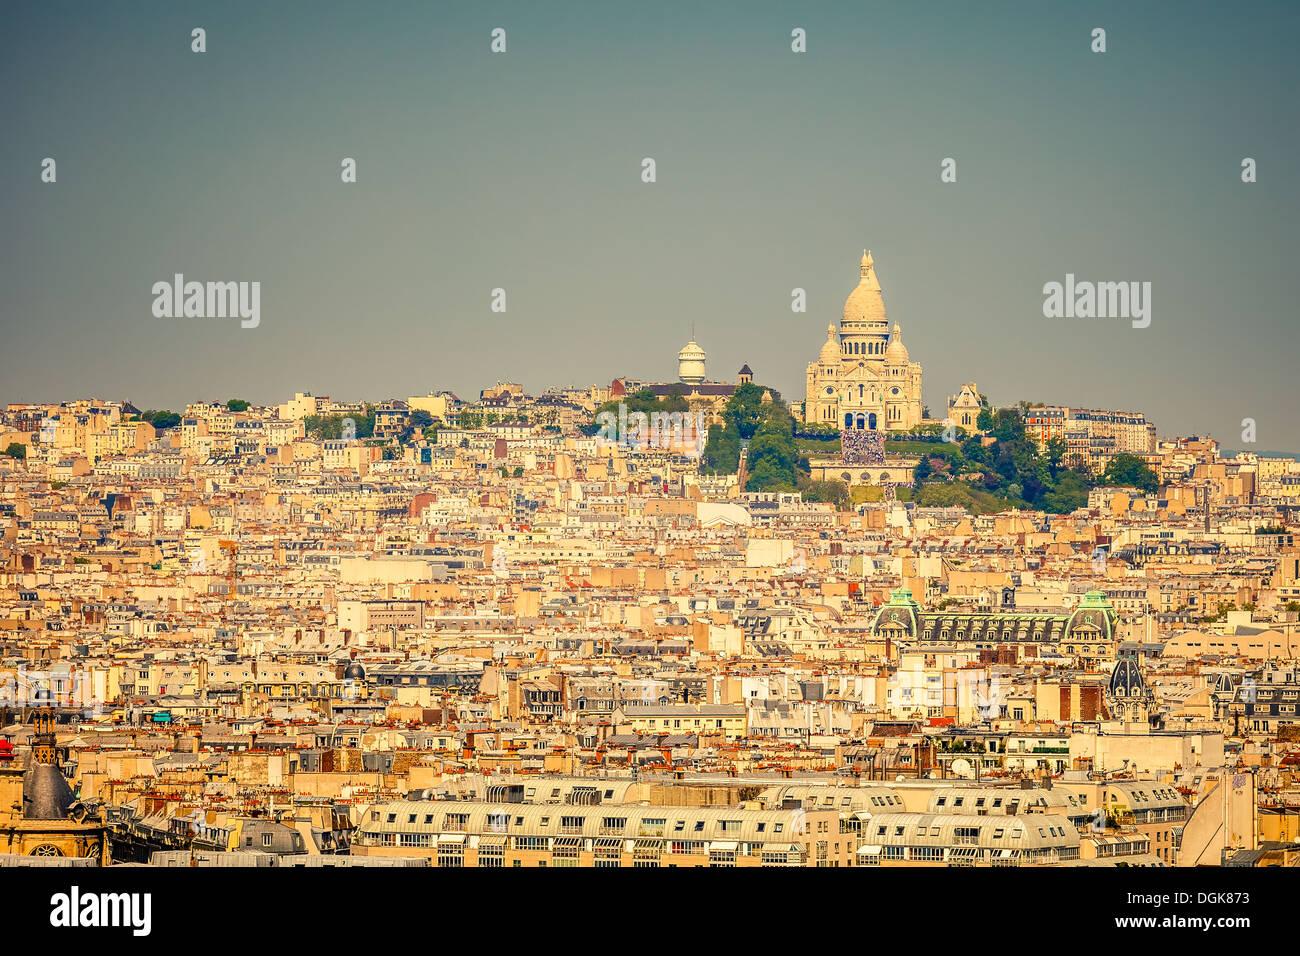 Sacre coeur, Montmartre, Paris - Stock Image